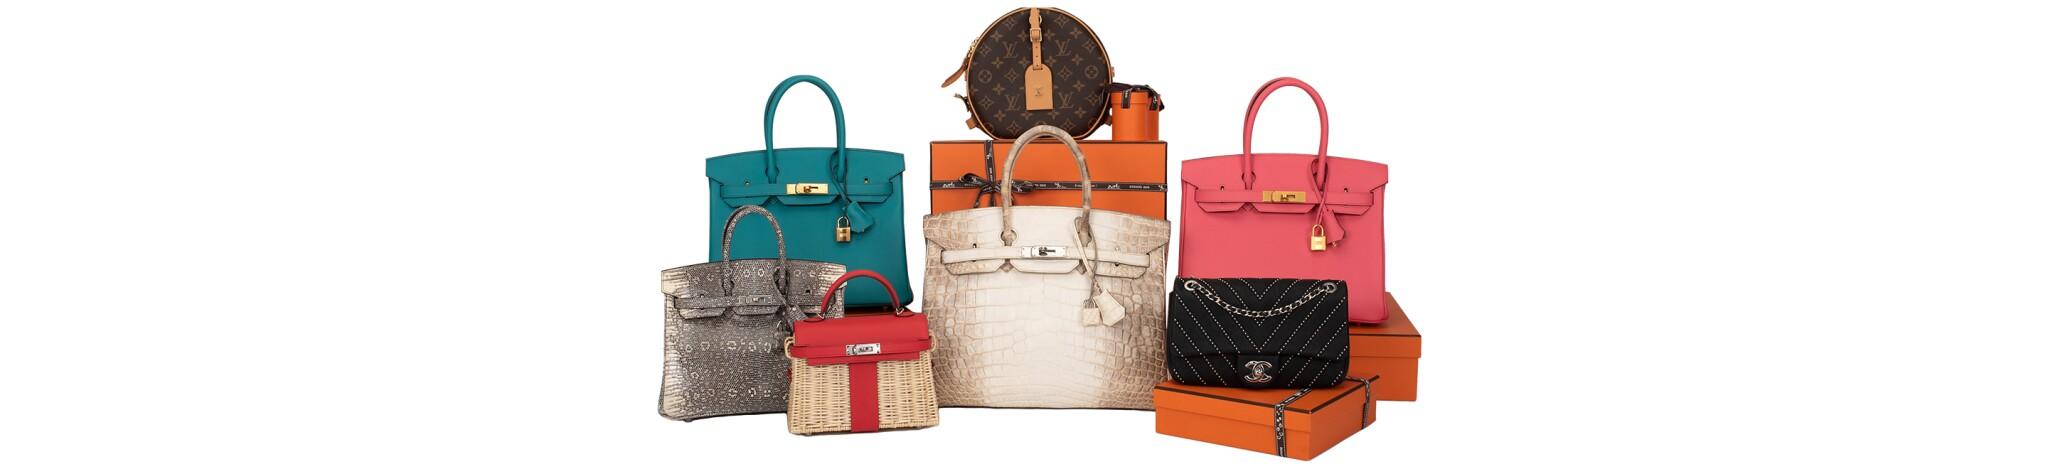 Handbags & Accessories Online